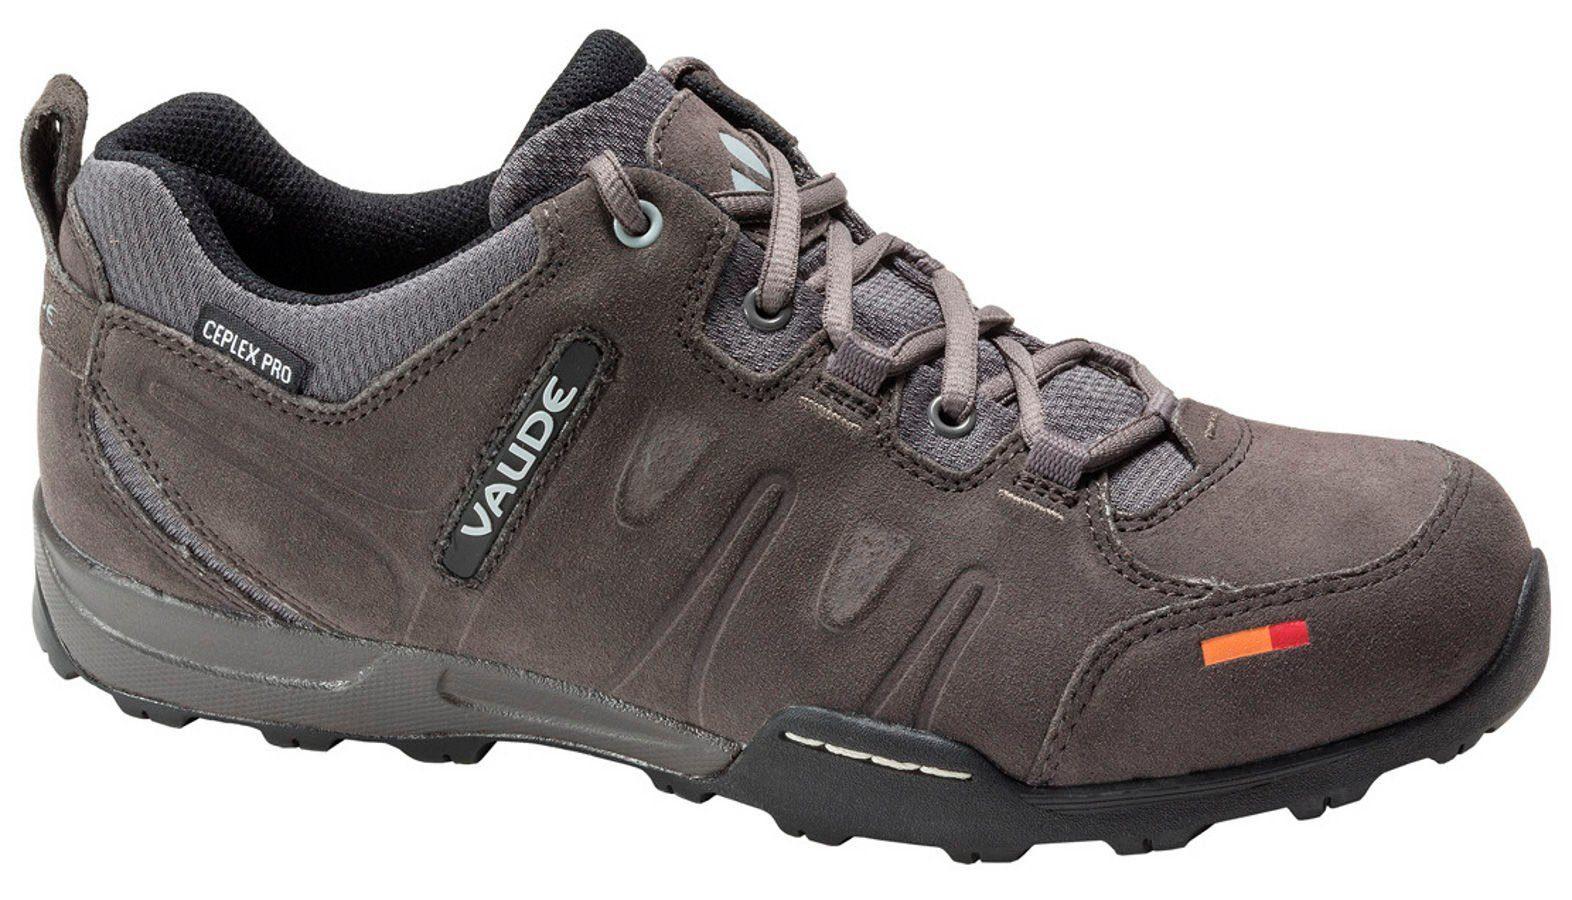 VAUDE Freizeitschuh Grounder Ceplex Low II Shoes Women online kaufen  grau